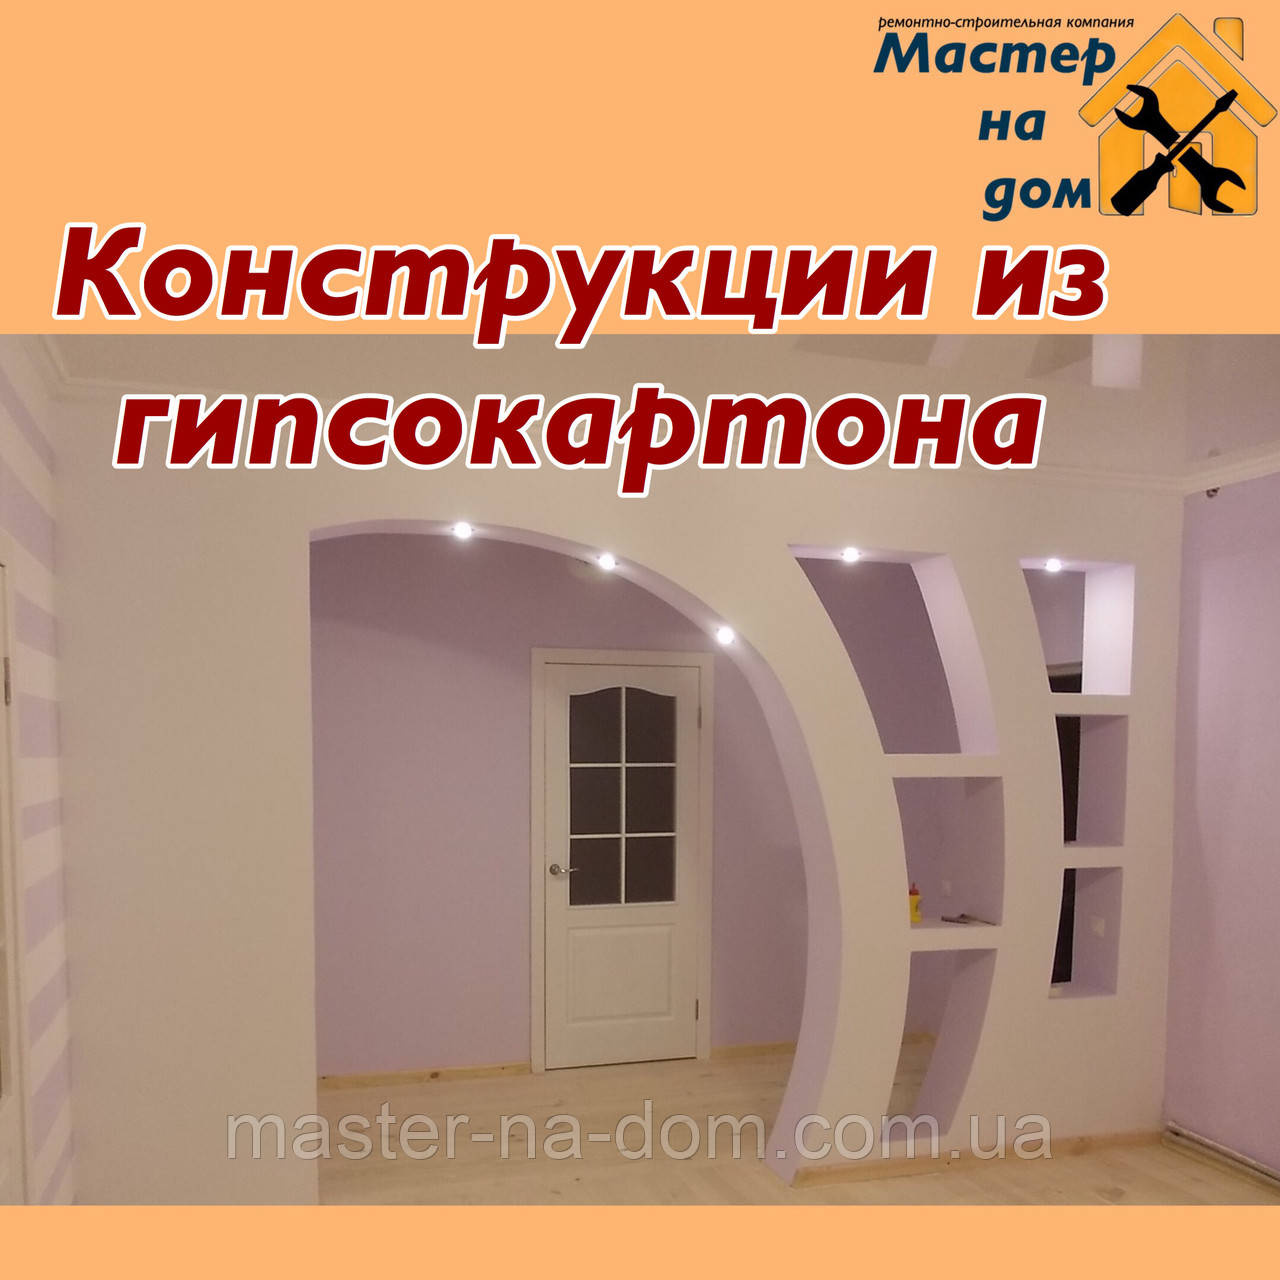 Конструкции из гипсокартона в Ужгороде